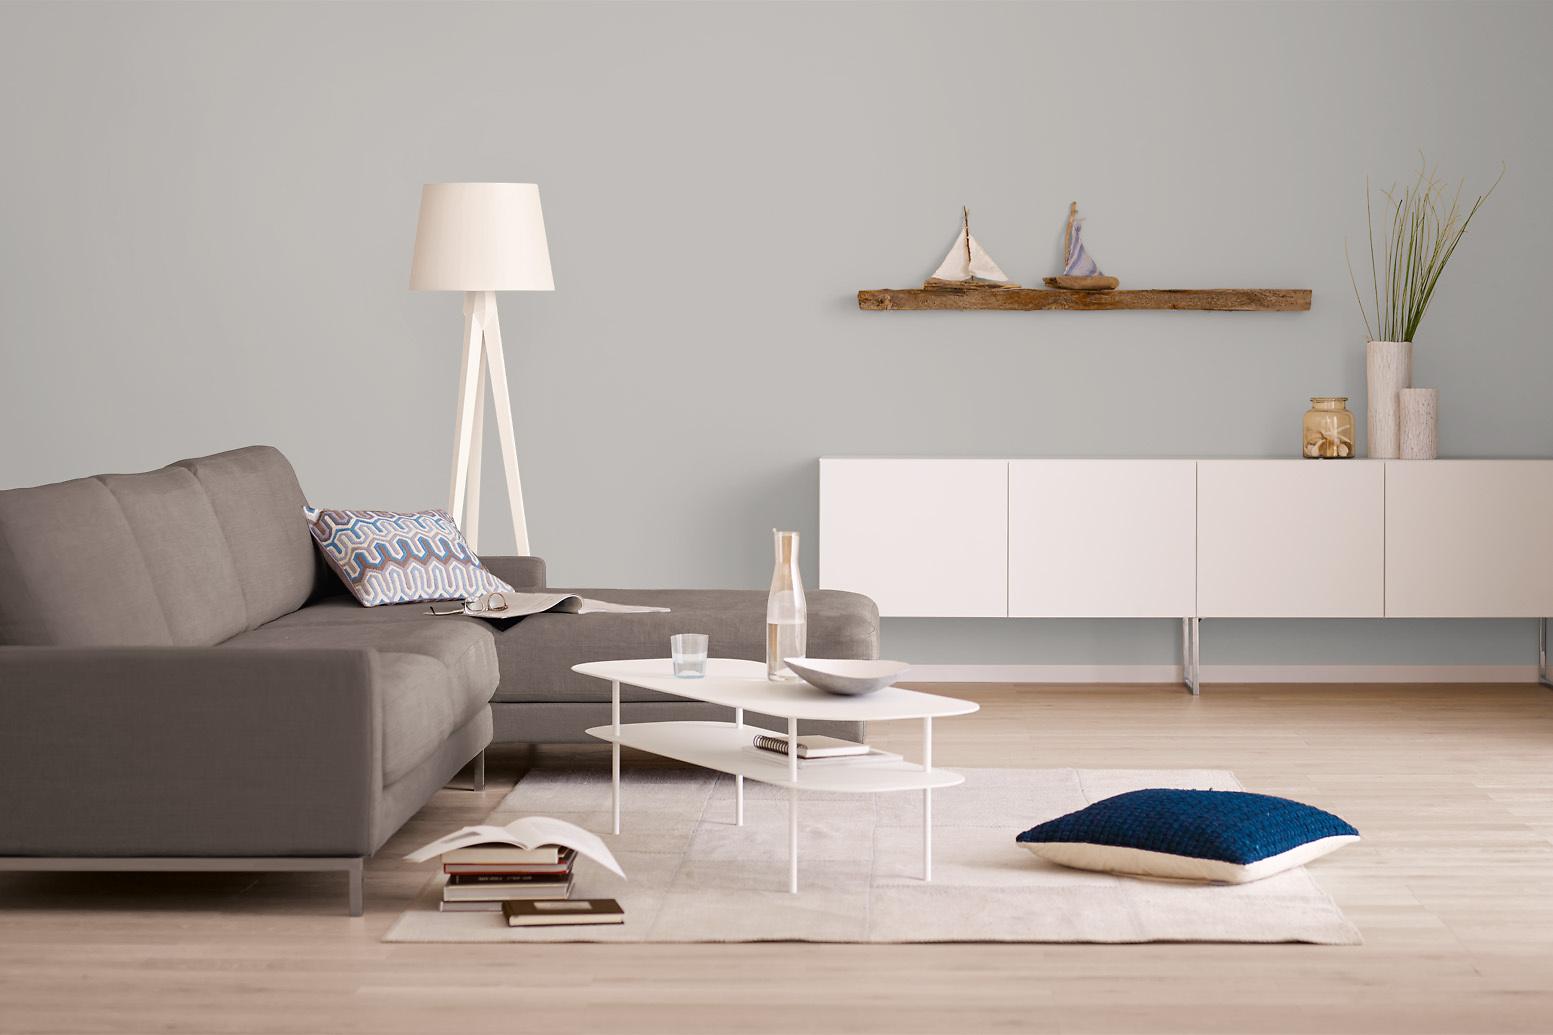 Passende Farben Zu Grau passende farben zu grau wohnen mit farben aschgrau mit holz und